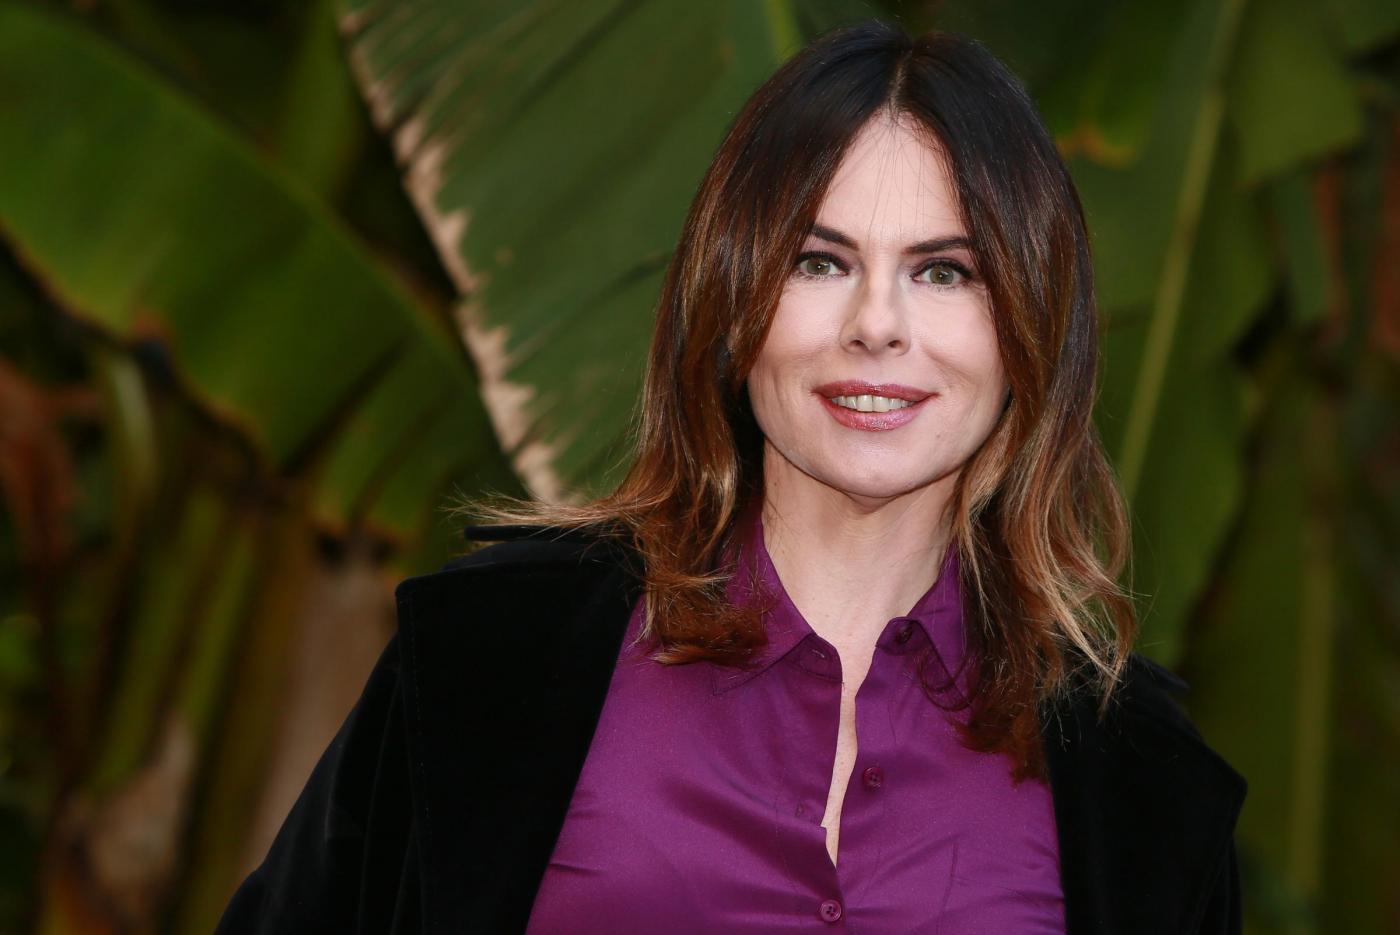 Paola Perego: 'Mio marito Lucio Presta? Il migliore, anche come agente'